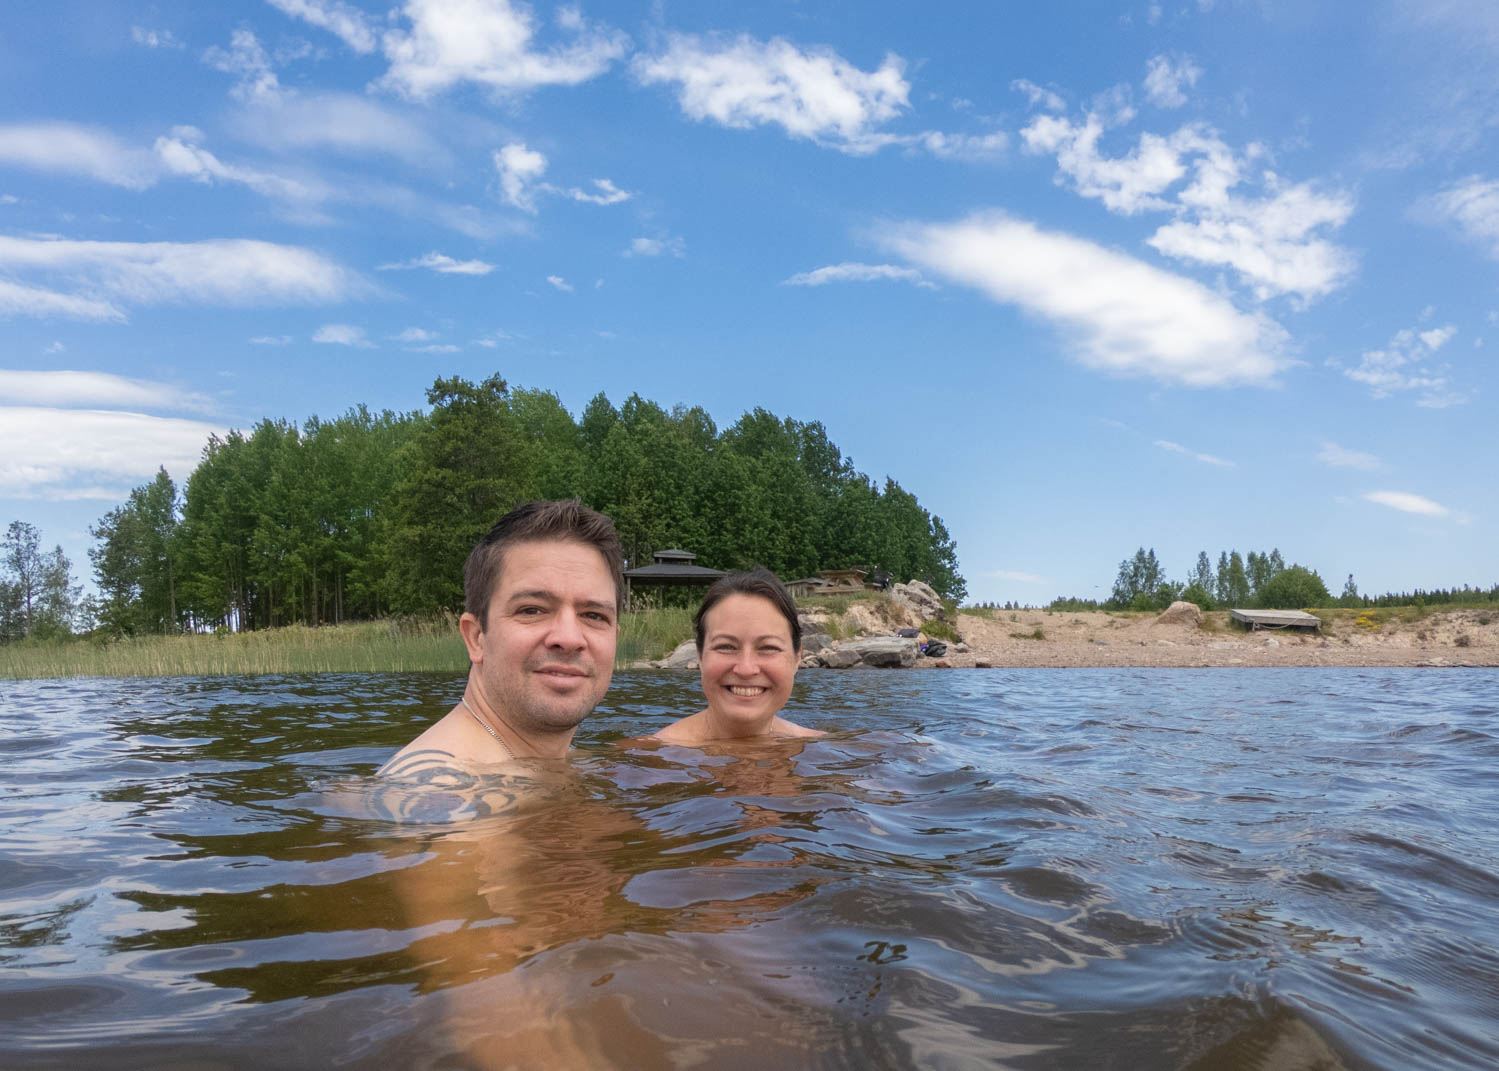 Skinny dipping in Dalarna